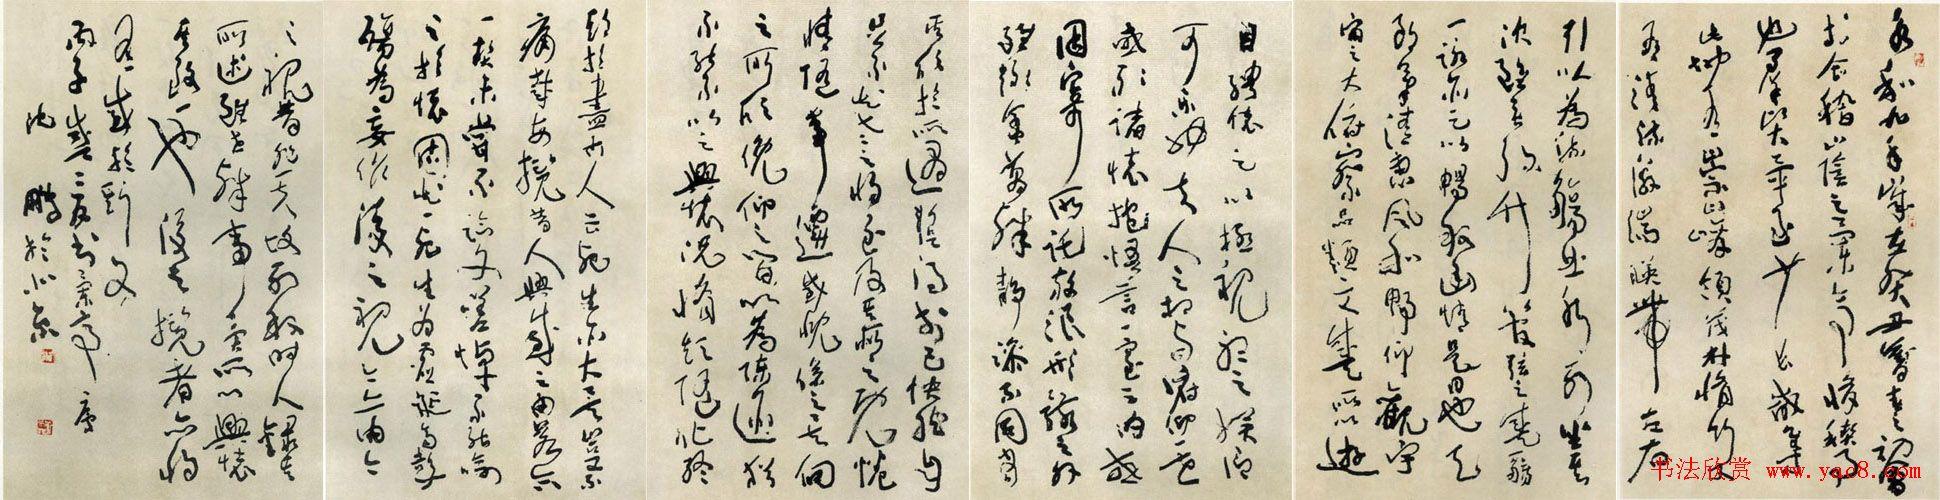 沈鹏草书作品欣赏《兰亭序》图片